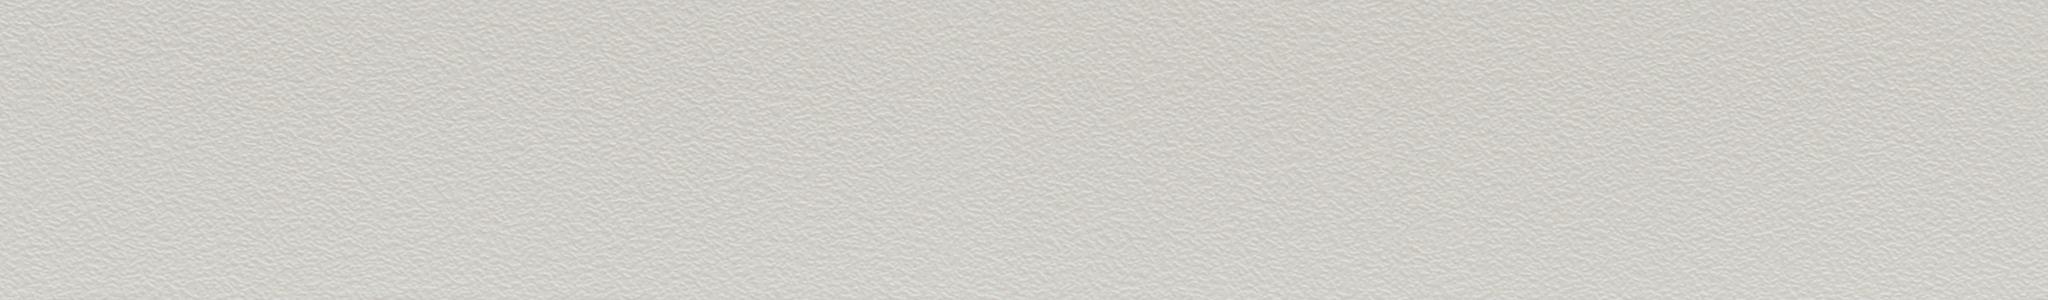 HU 171191 ABS Kante UNI Kongo Grau soft perl XG